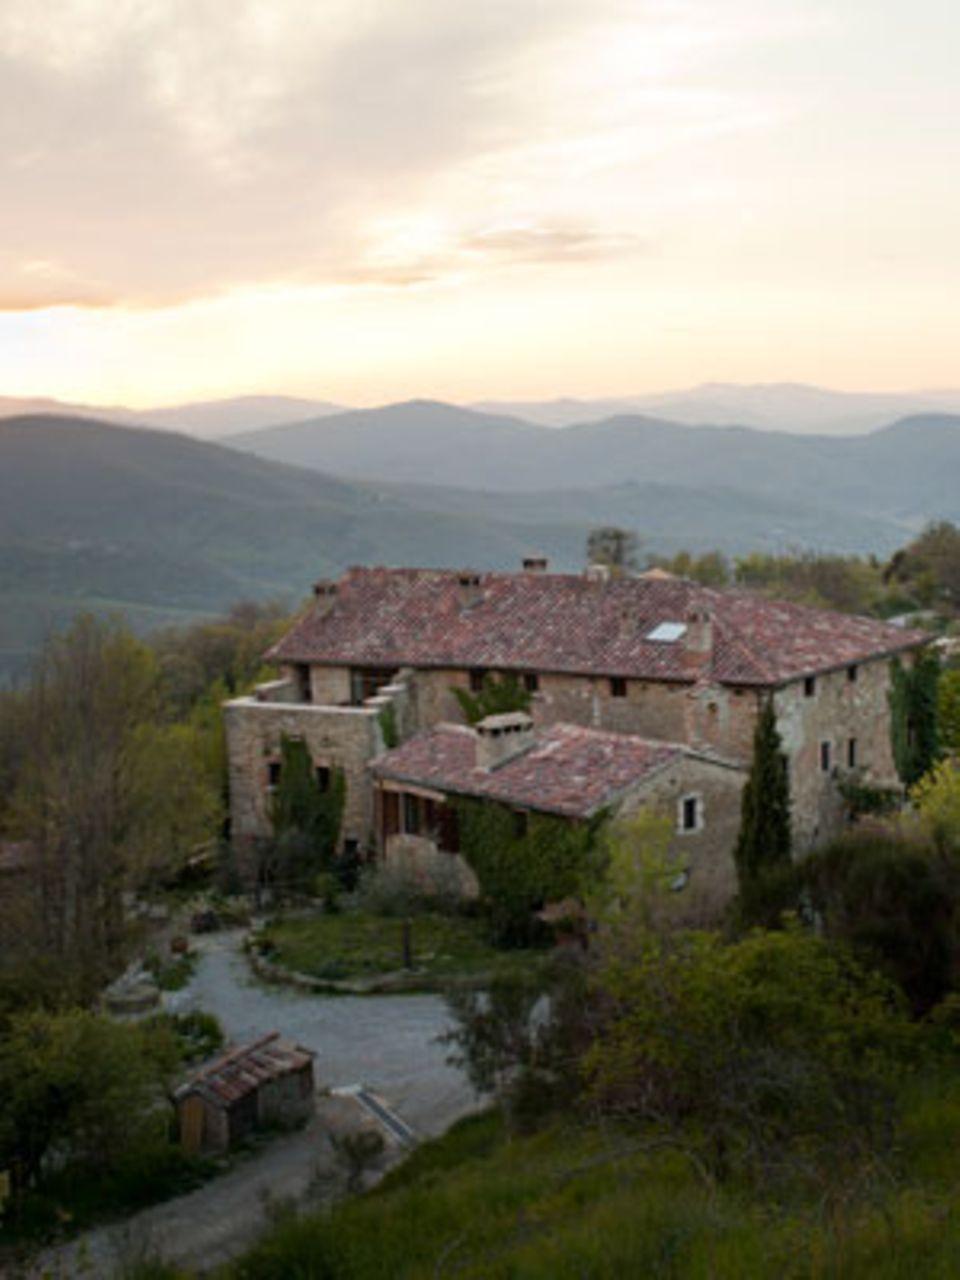 Eingebettet in die Hügel Umbriens: Das Landgut Monestevole